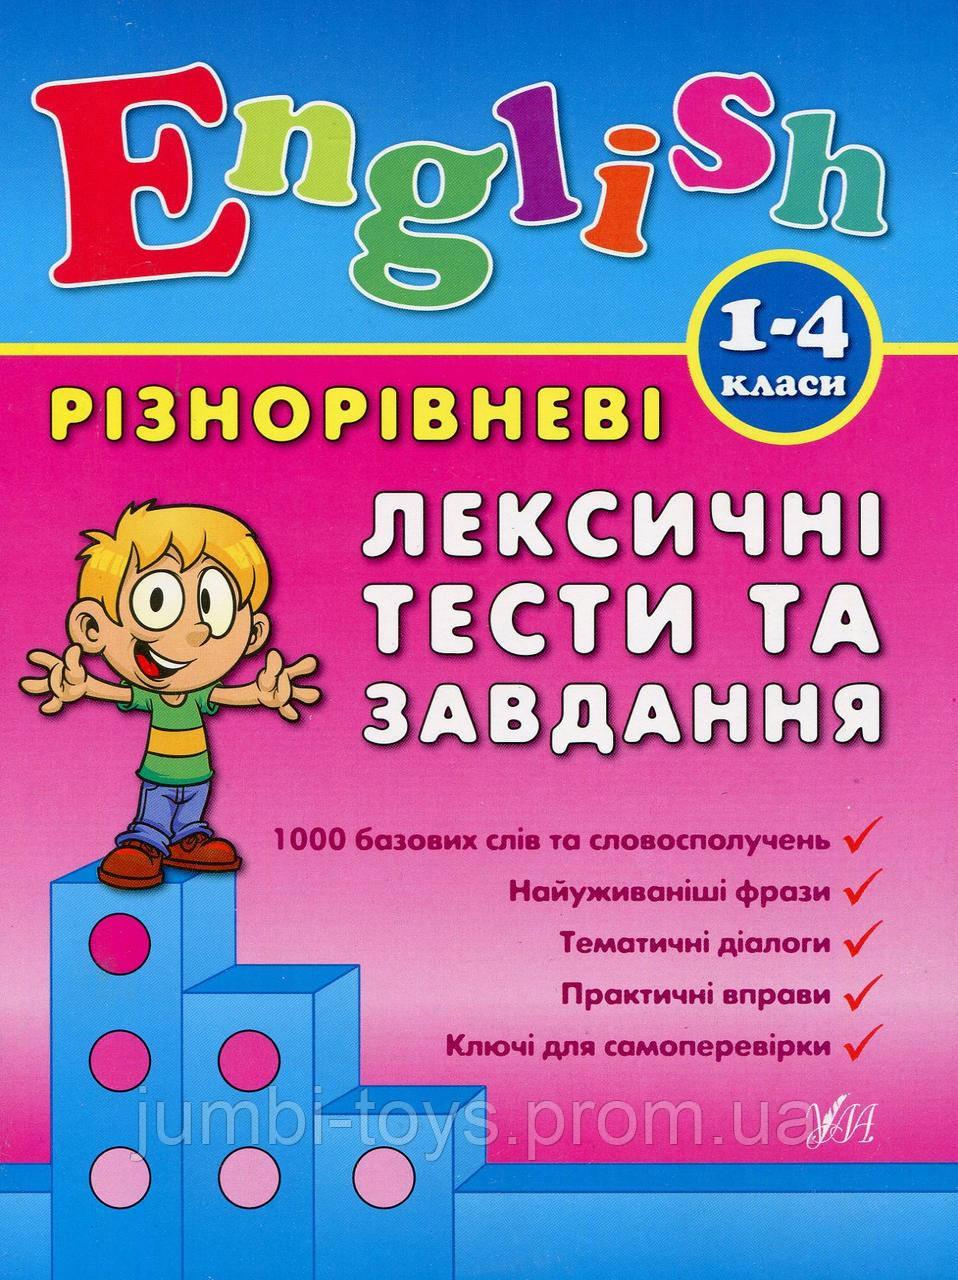 Різнорівненні лексичні тести та завдання English 1-4 класи (у)